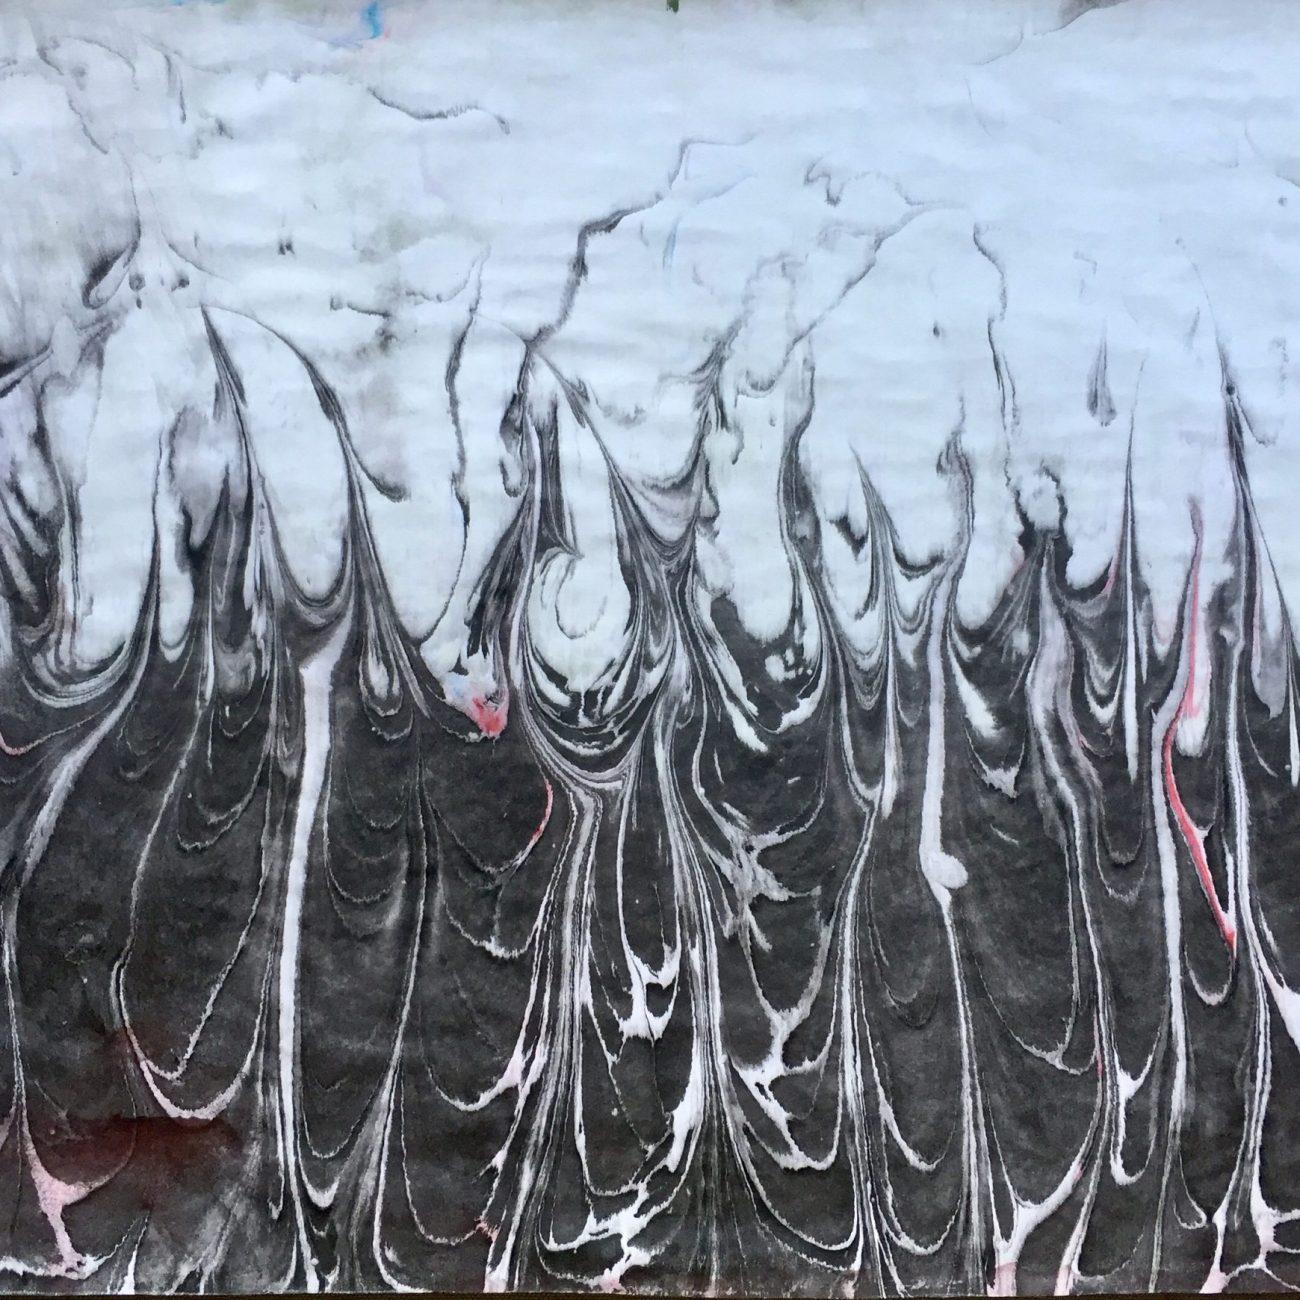 Roots-Teknik: Ebru Tekniği Ölçü: 35 x 50 cm  Fiyat : 1.500 TL